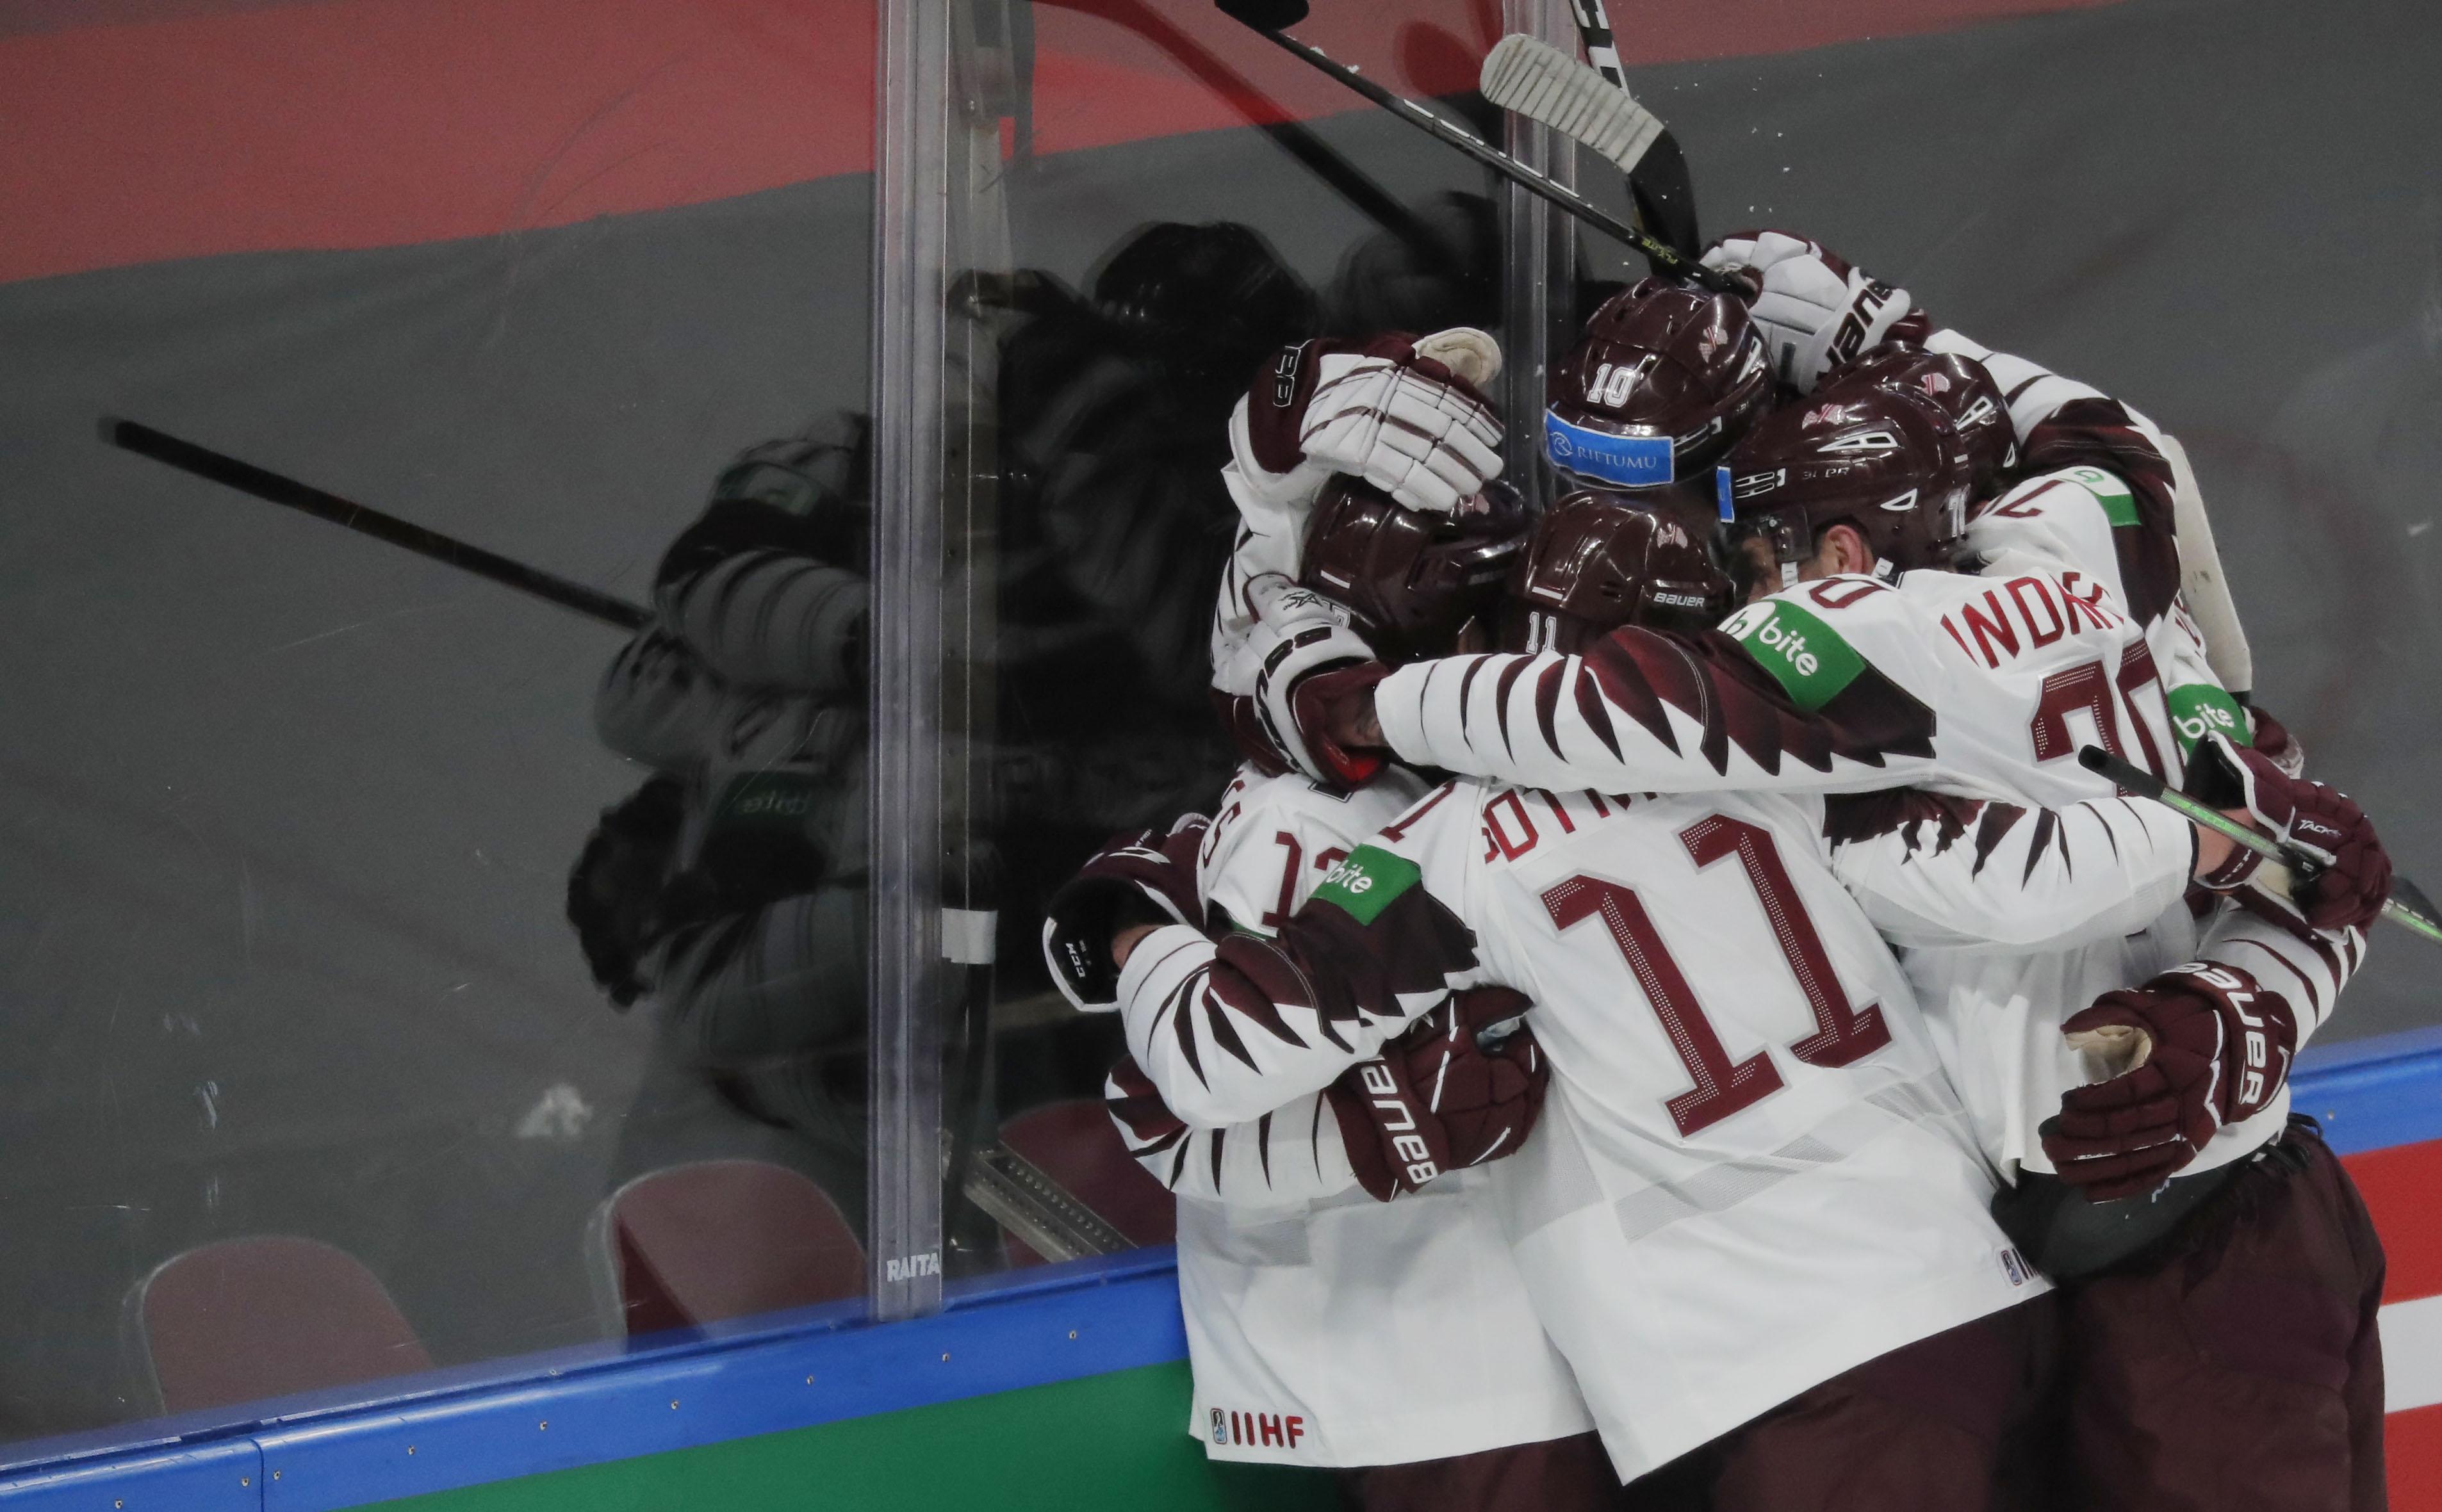 Latvijas izlasei čempionāts norit tieši tā, kā bija plānots